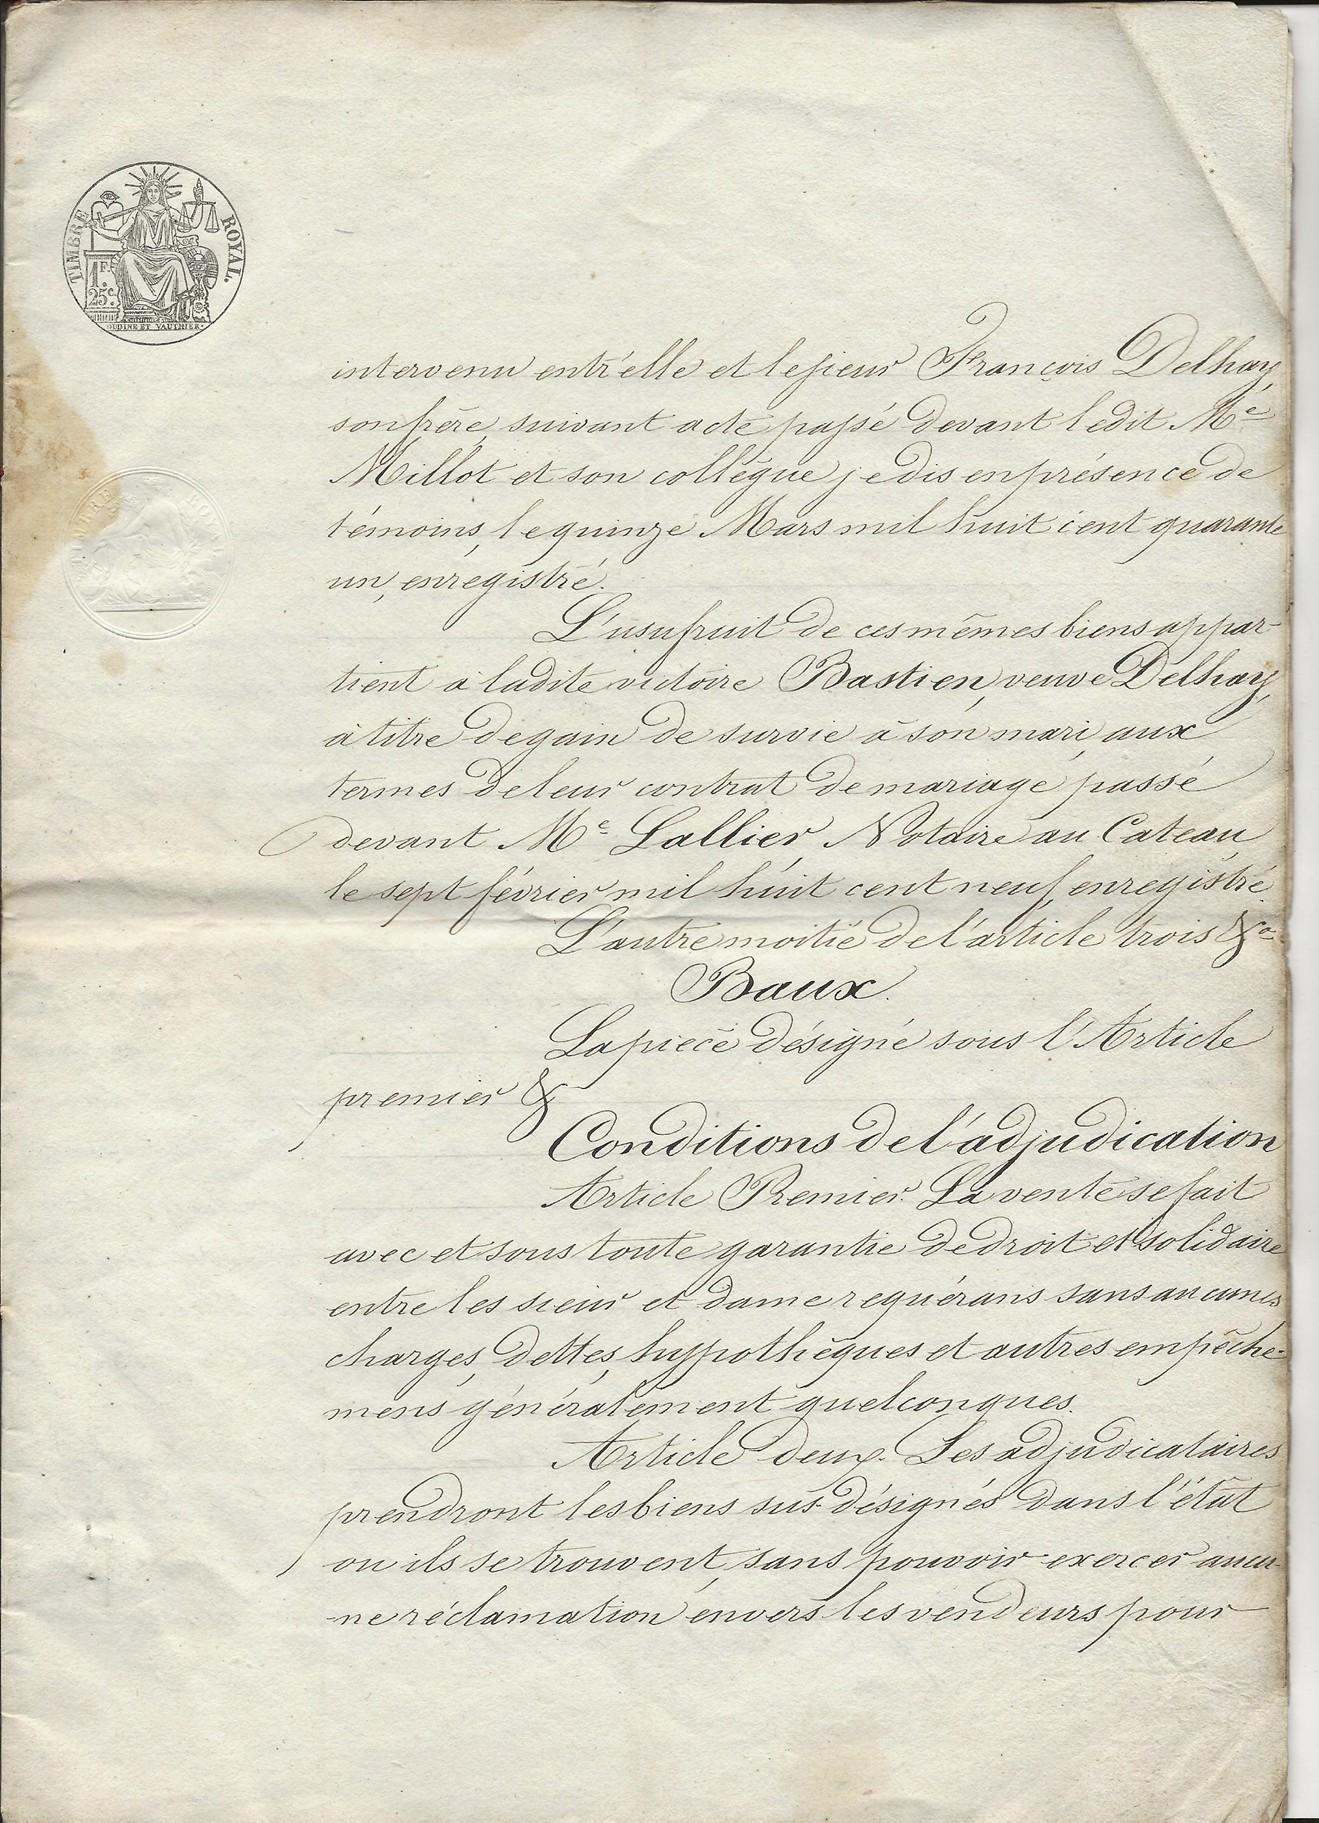 1847 adjudication terres lanciaux pruvot 003